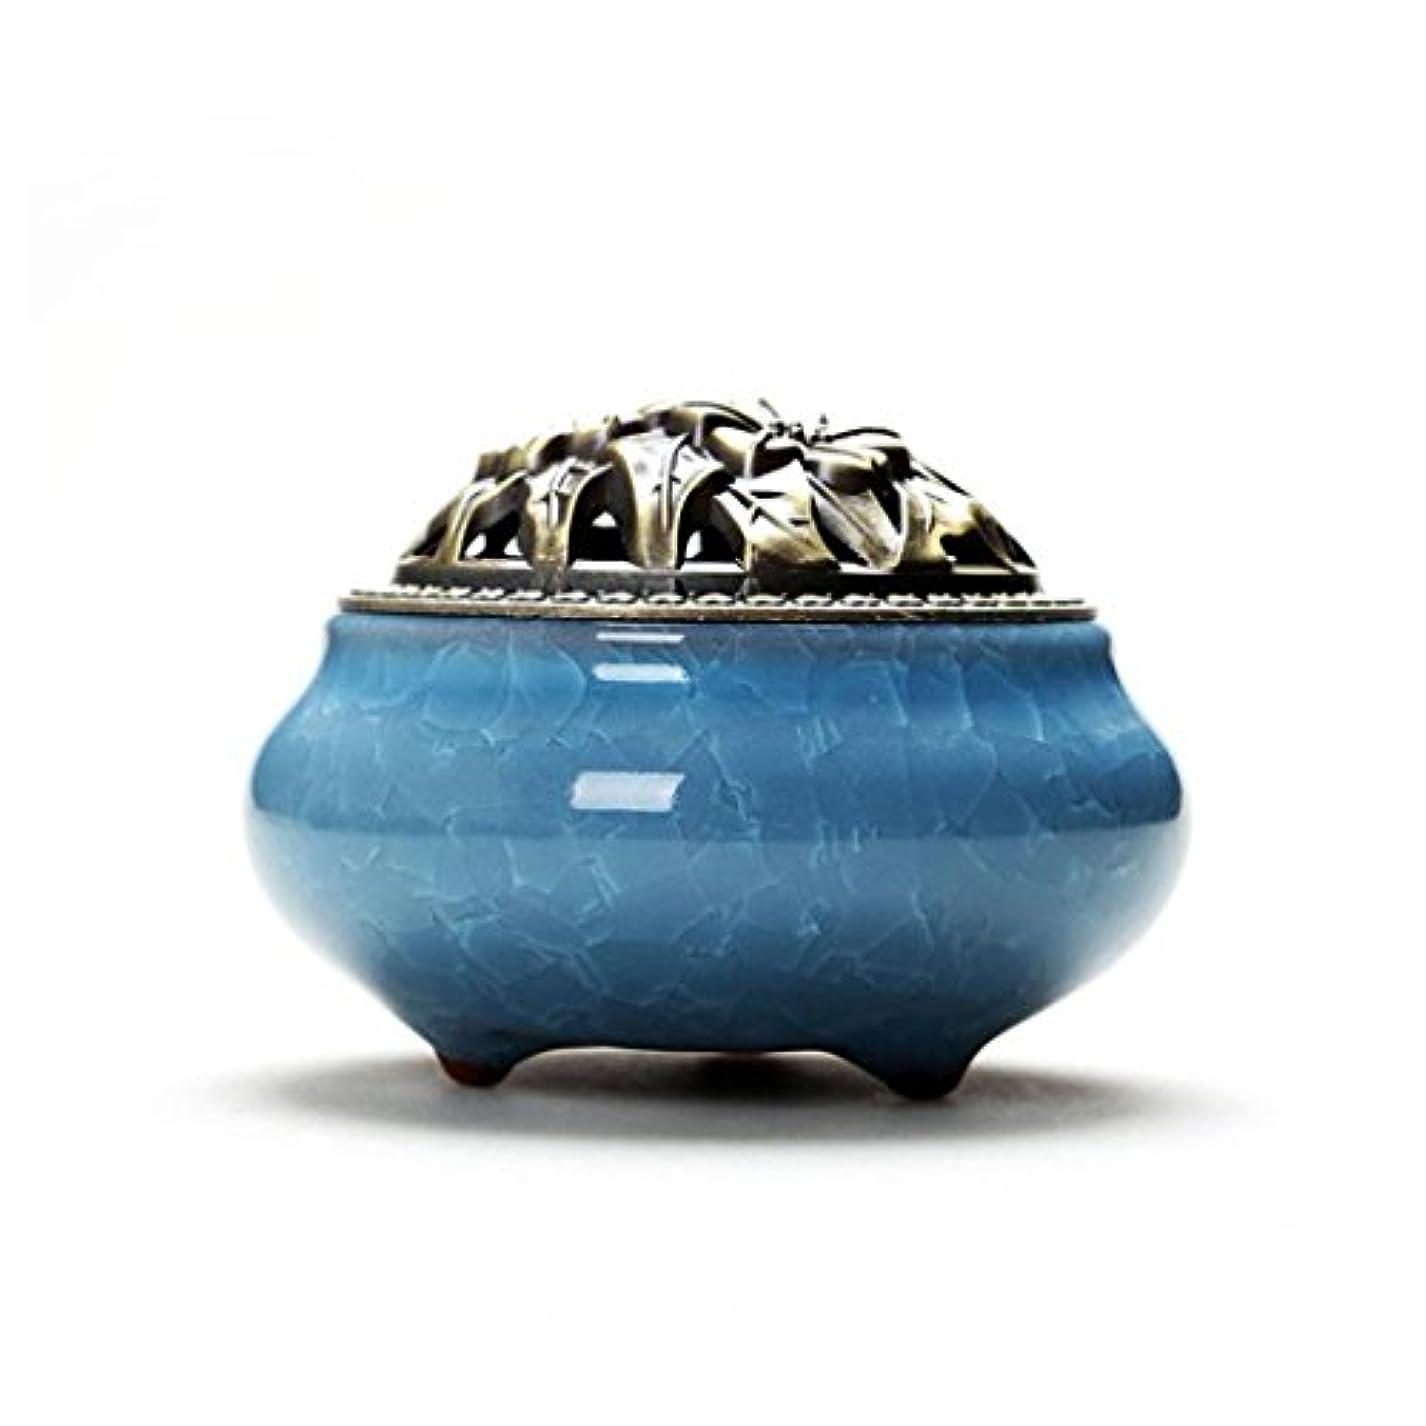 農奴汚れた起きるAijoo 陶磁器 香炉 丸香炉 アロマ陶磁器 青磁 香立て付き アロマ アンティーク 渦巻き線香 アロマ などに 調選べる 9カラー